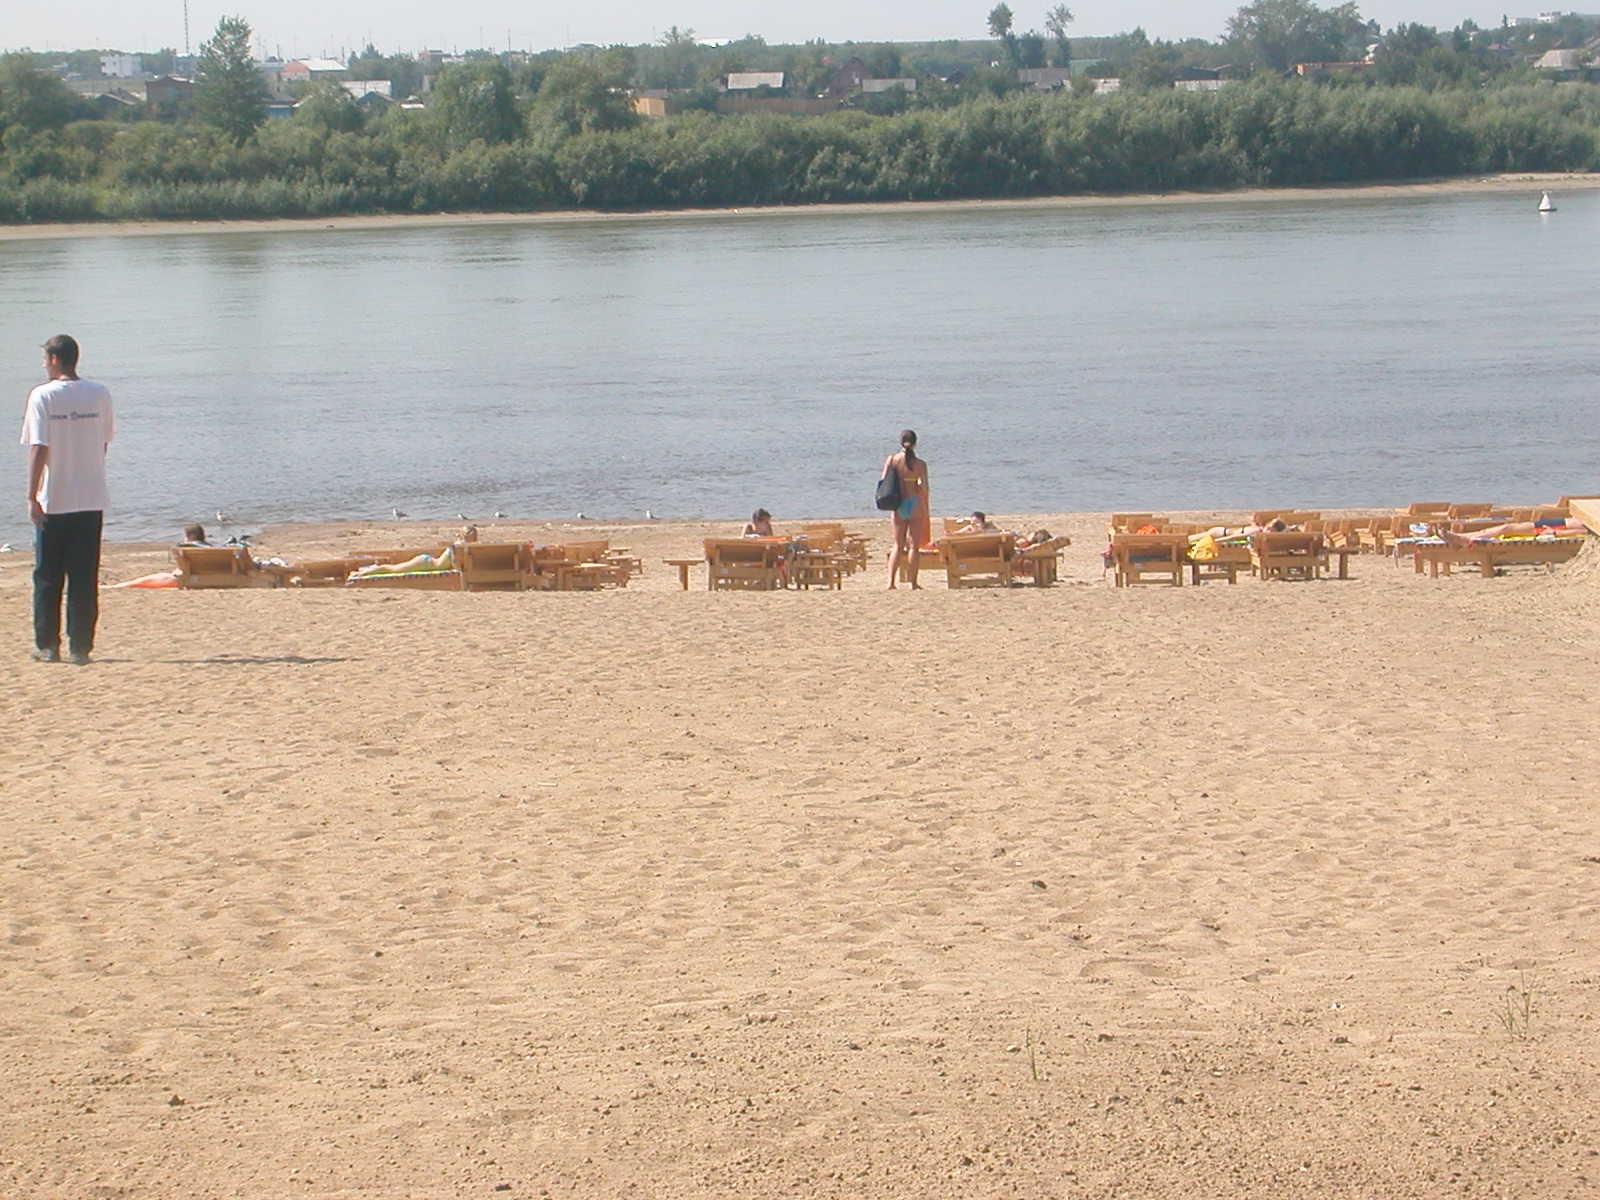 Und das isr der private Bereich des Strandes ...